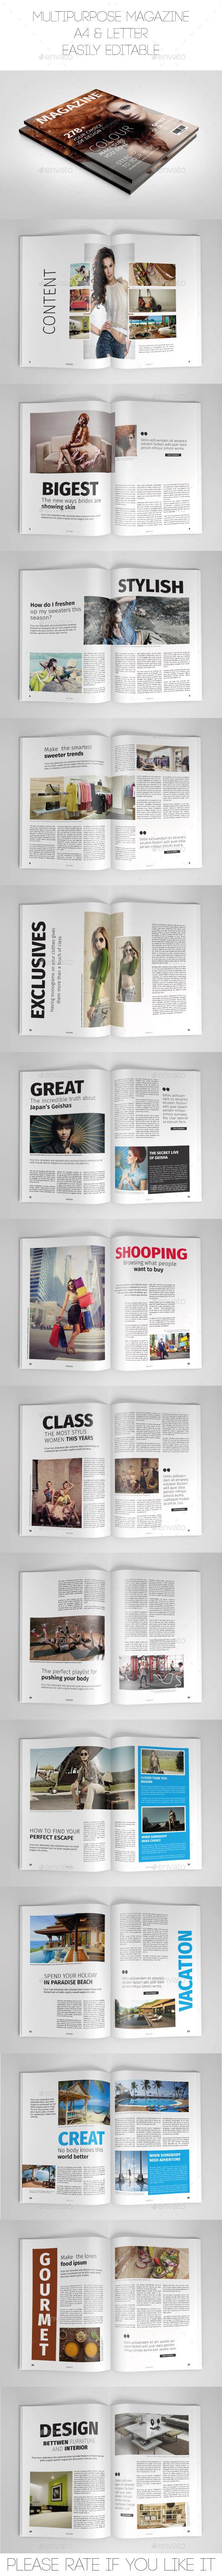 Multipurpose Magazine - Magazines Print Templates